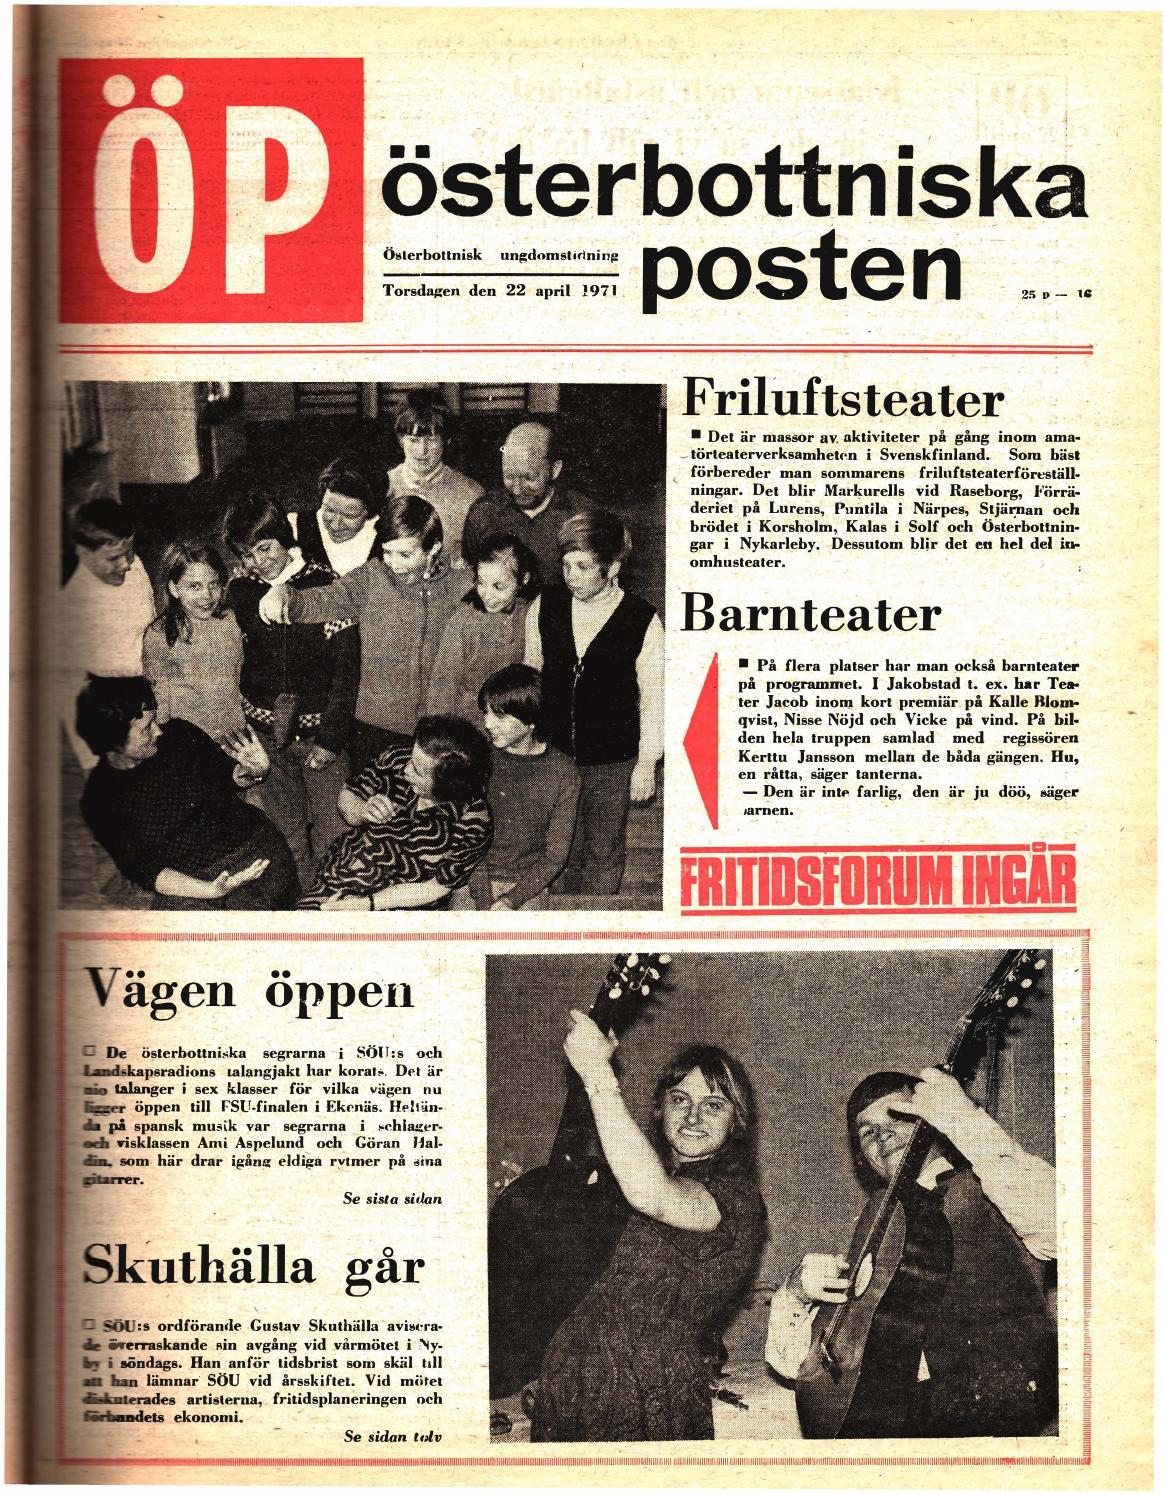 buy online 72869 11946 Österbottniska Posten (ÖP) nr. 16 1971 by Österbottniska Posten - issuu